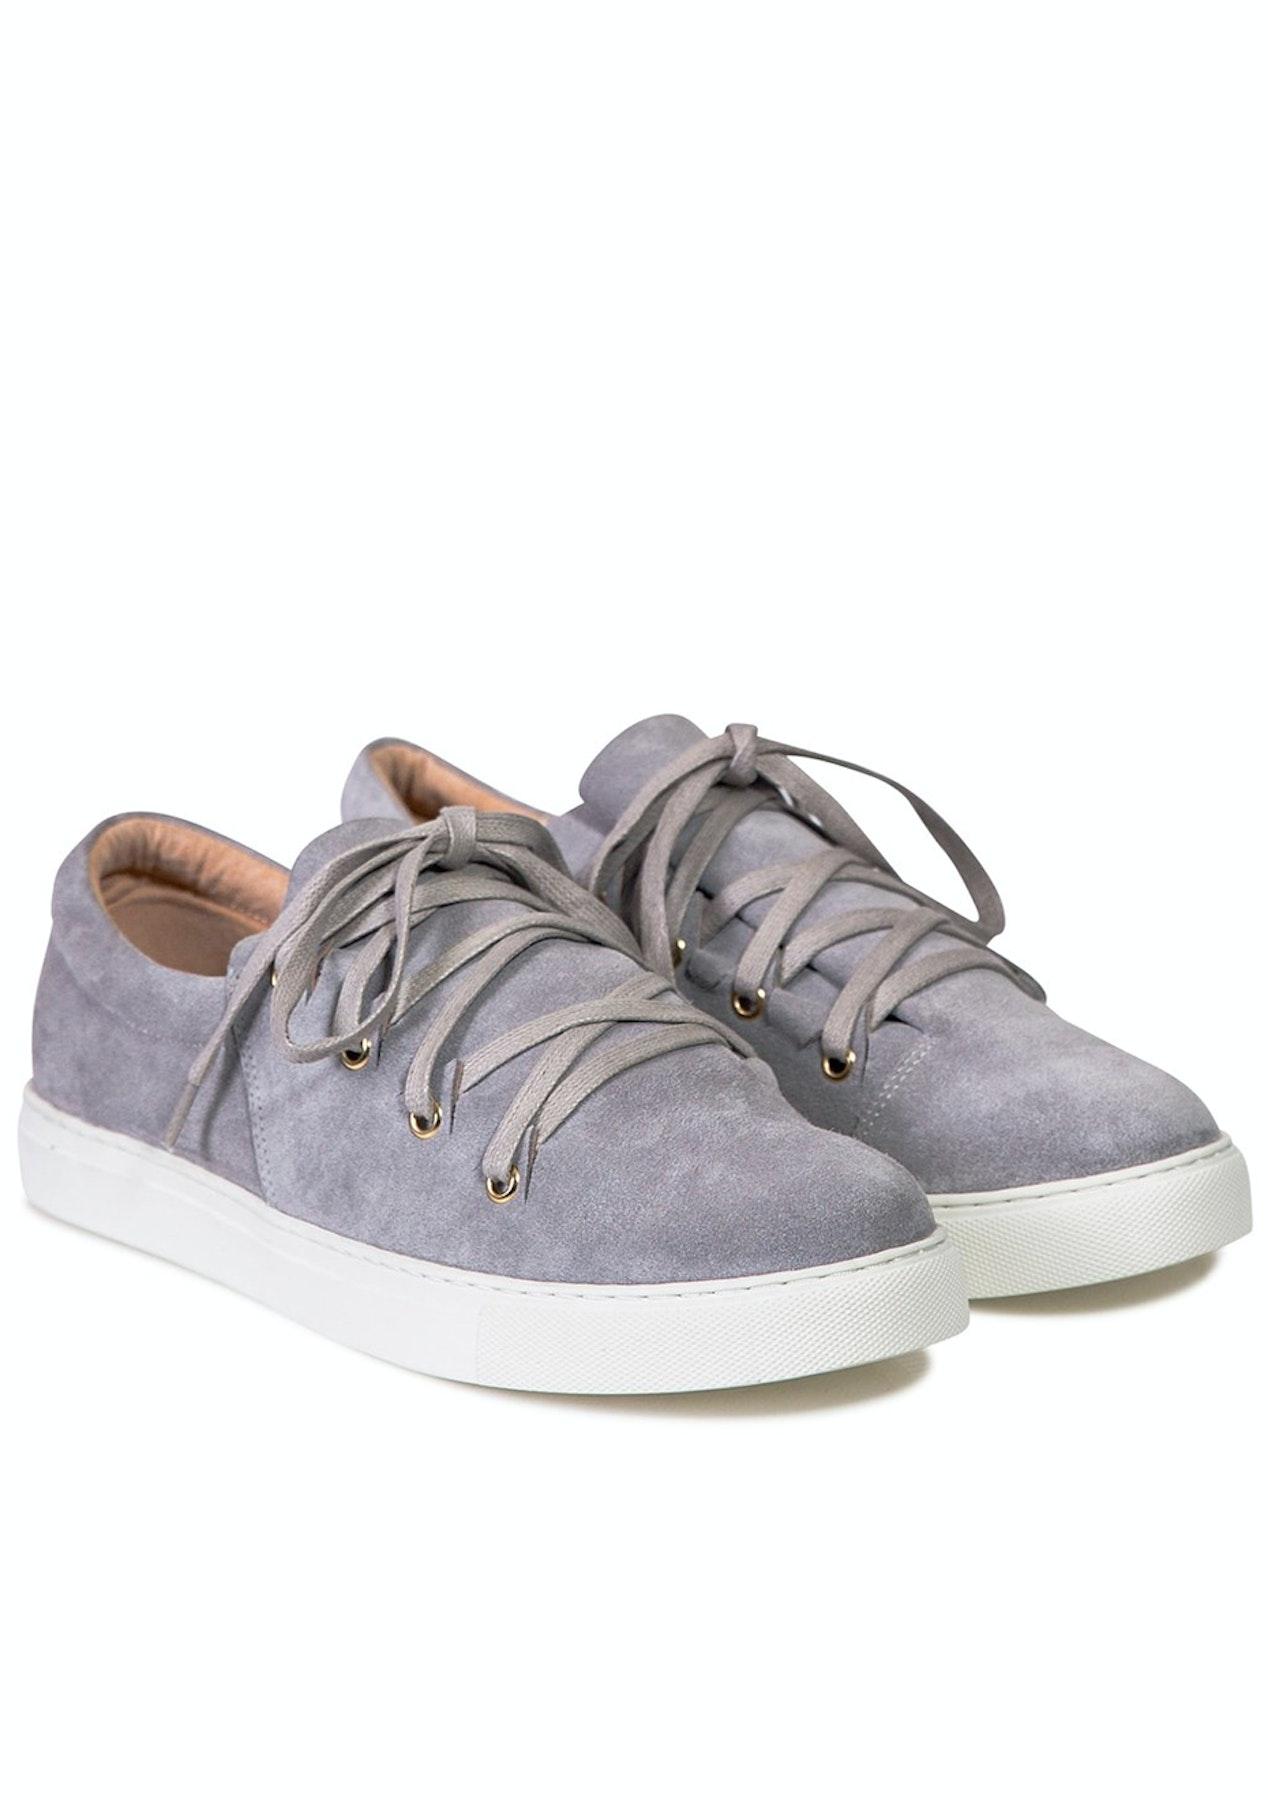 2c03c749c58d5e Julian Danger - Lola Sneaker - Cloud Suede - Designer Outlet - Onceit